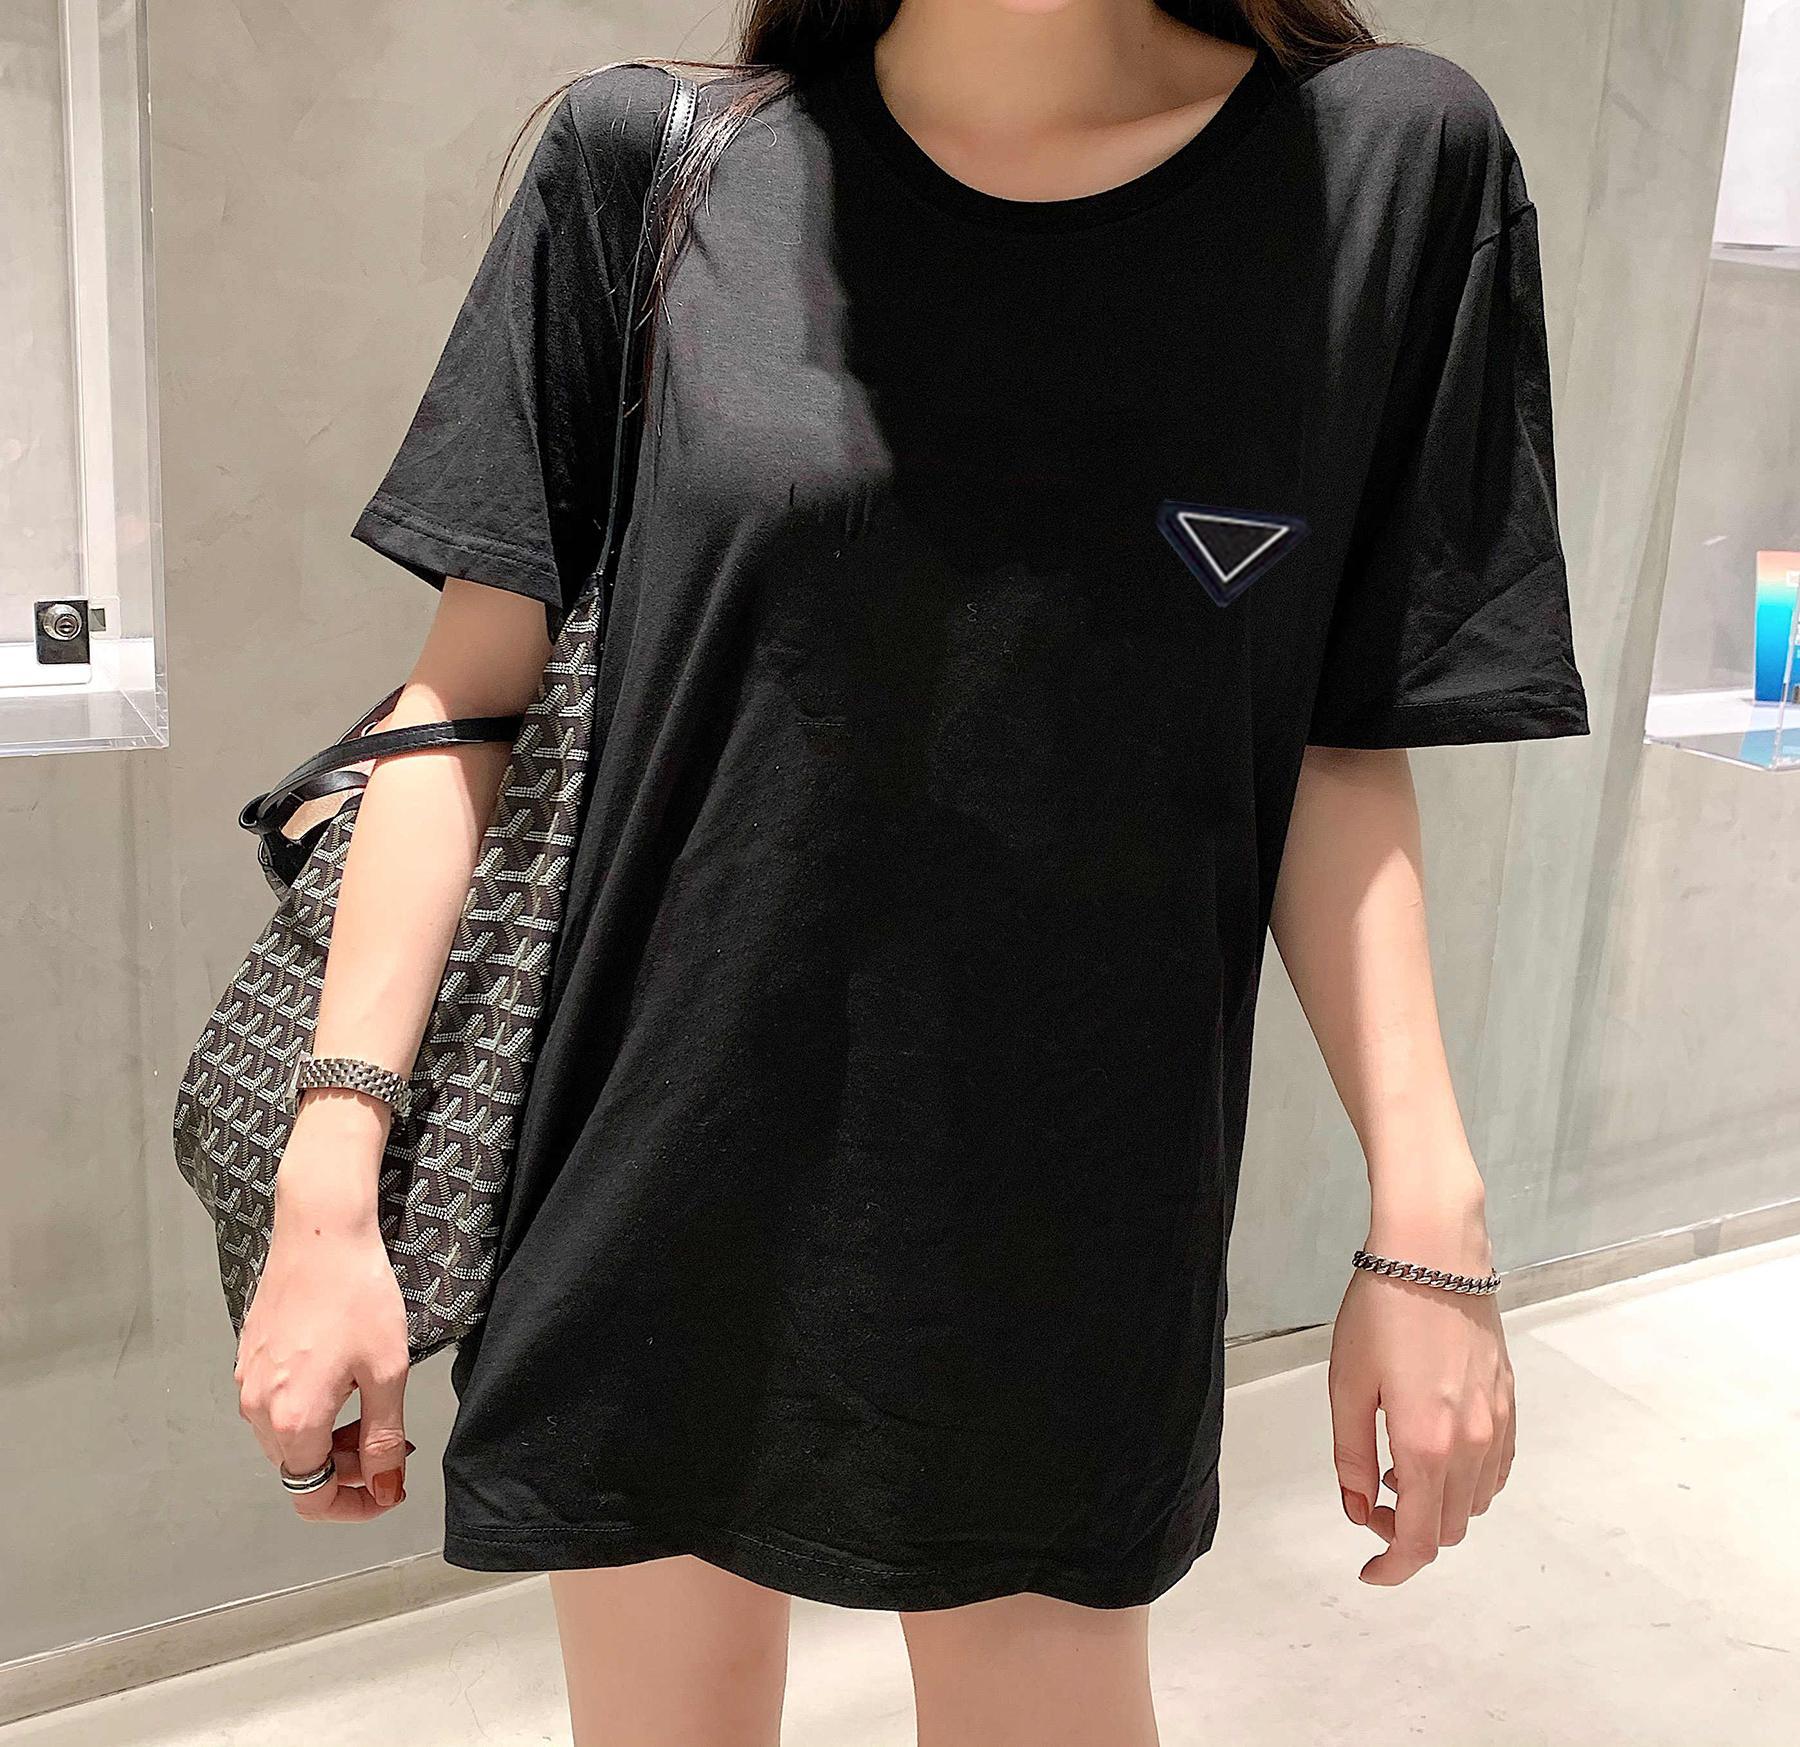 Le donne T-shirt lettere stampate con motivo di gatto Tees per lady slim style maniche corte estate traspirante T-shirt